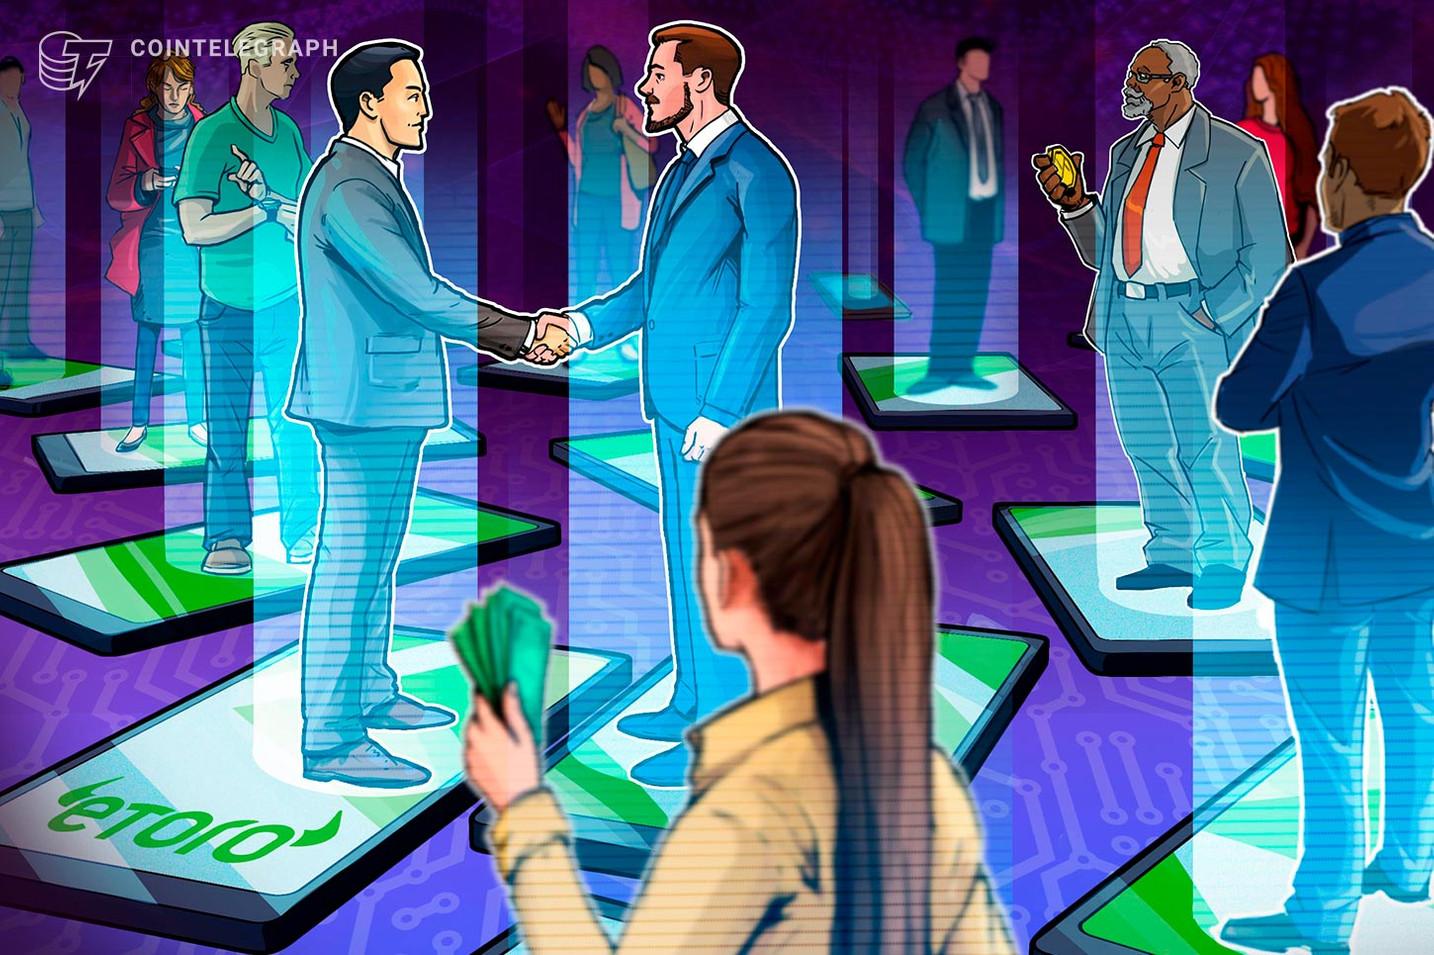 Plataforma de negociação eToro se tornará pública por meio da fusão SPAC de US$ 10B